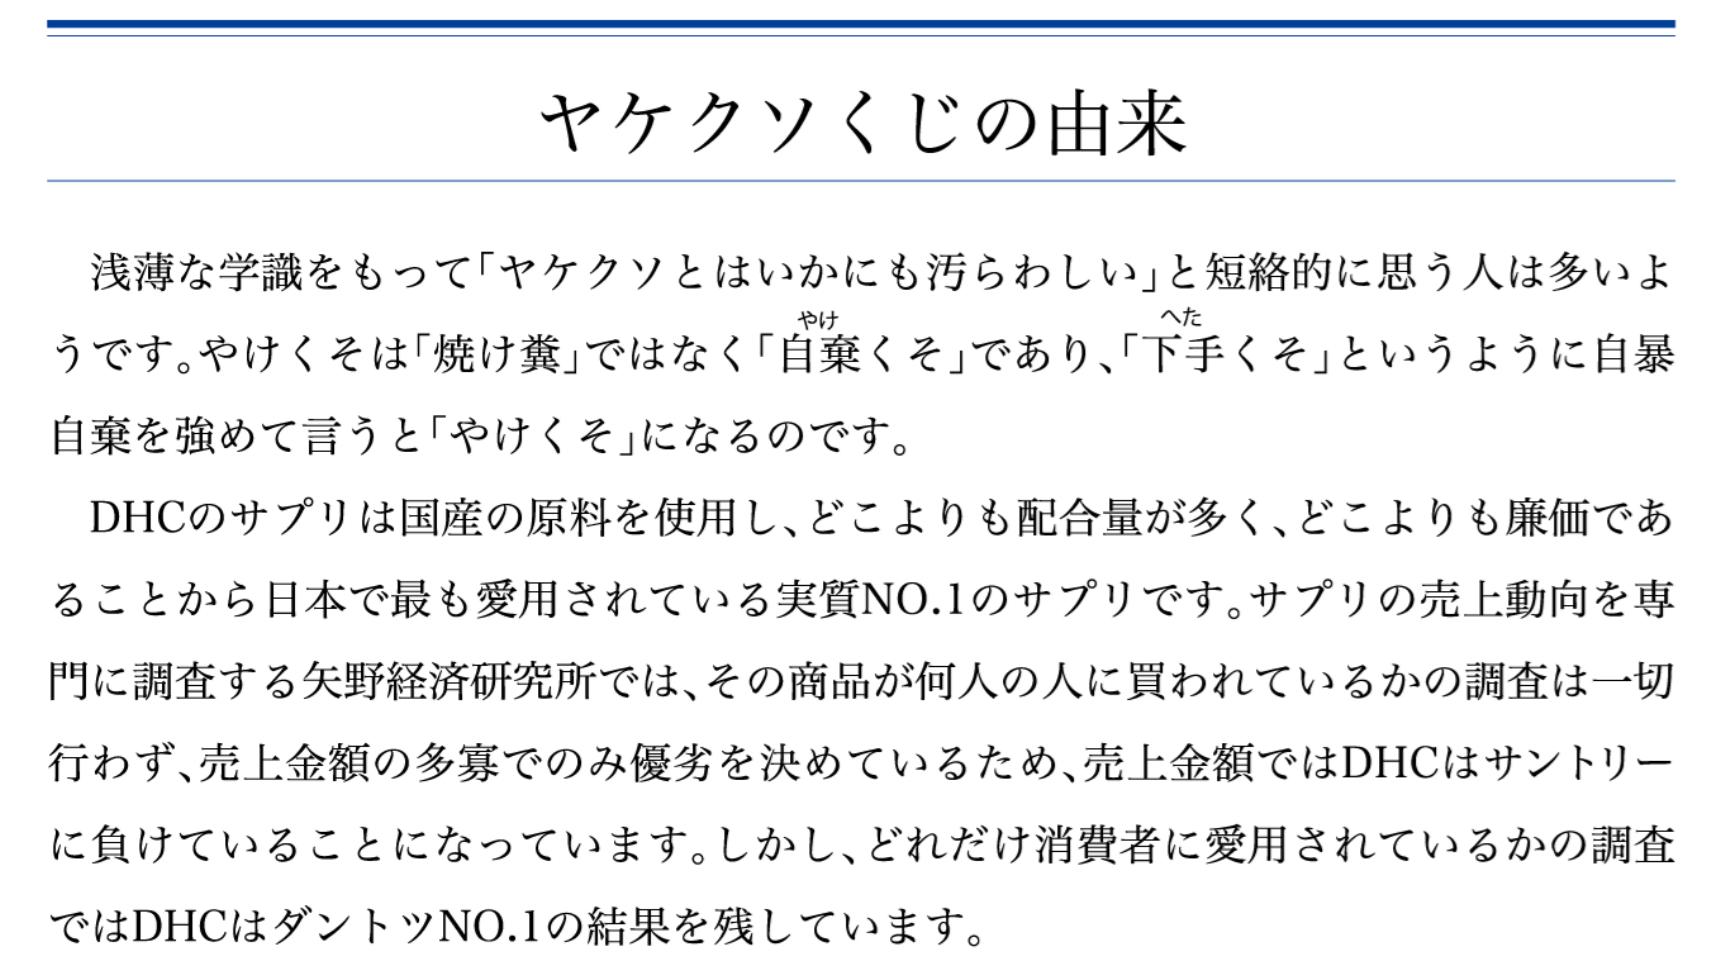 DHC会長のヤケクソくじの由来(1)